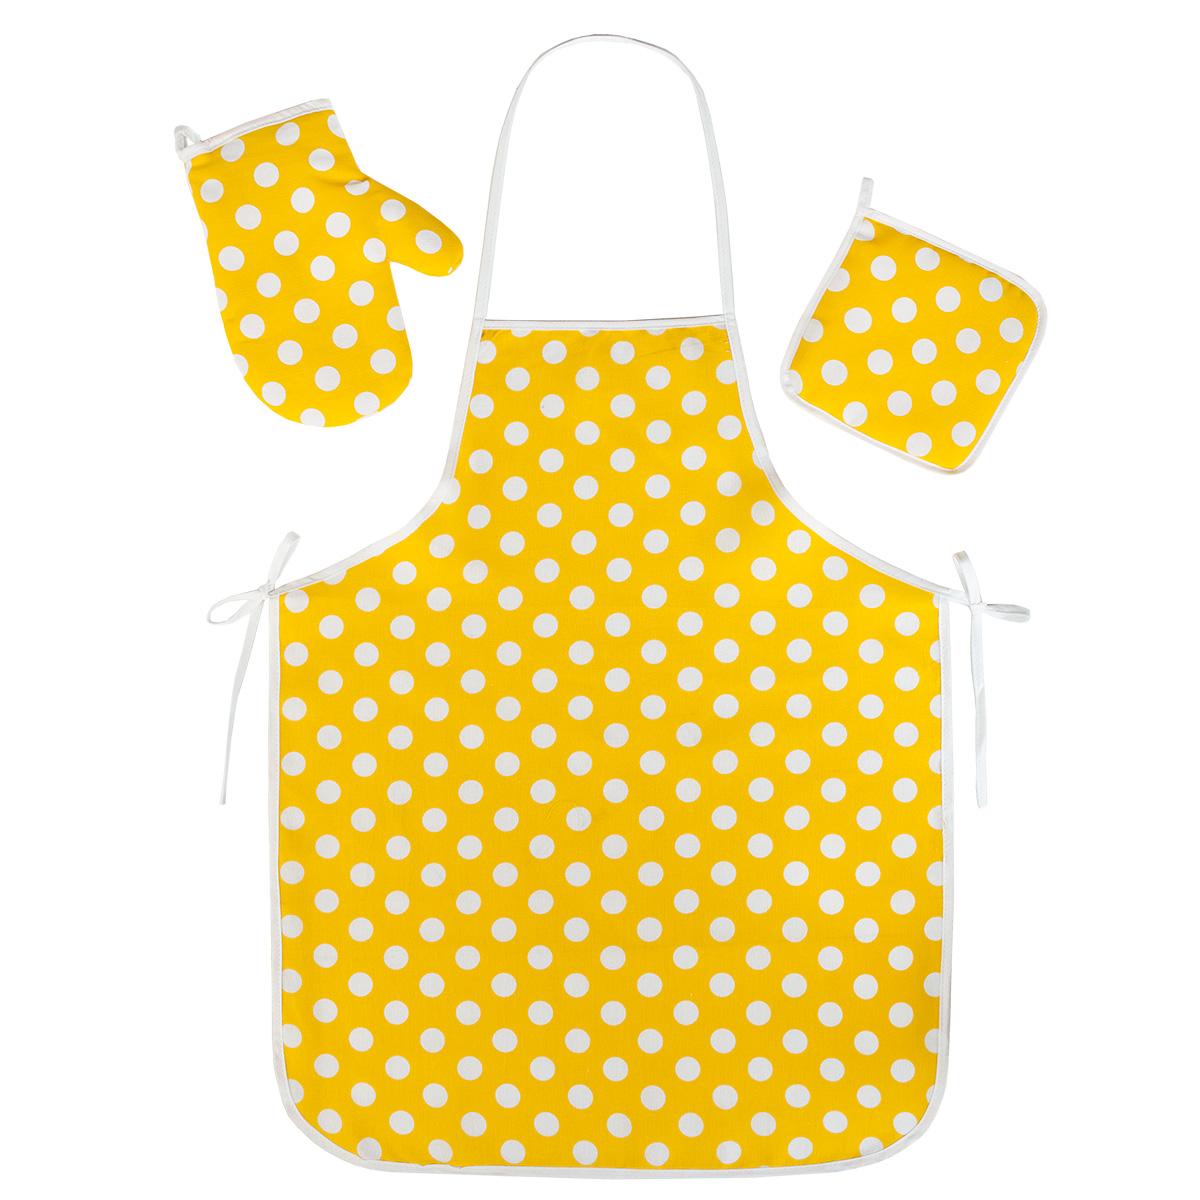 """Кухонные принадлежности """"Горошек"""" Желтый р. 3 пред. — Горошек Желтый"""